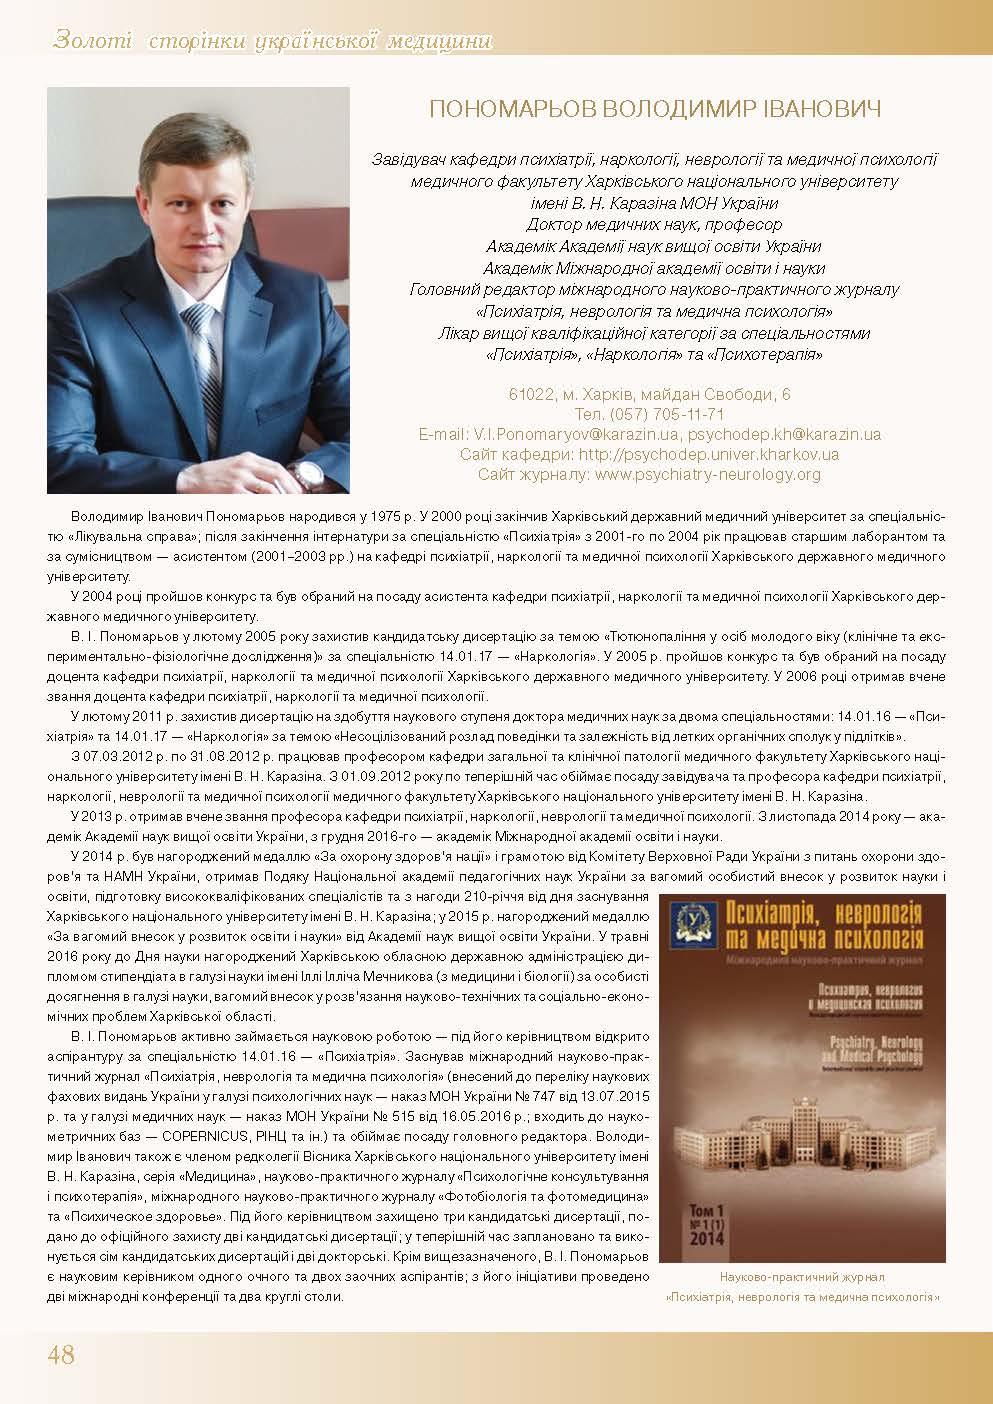 Пономарьов Володимир Іванович